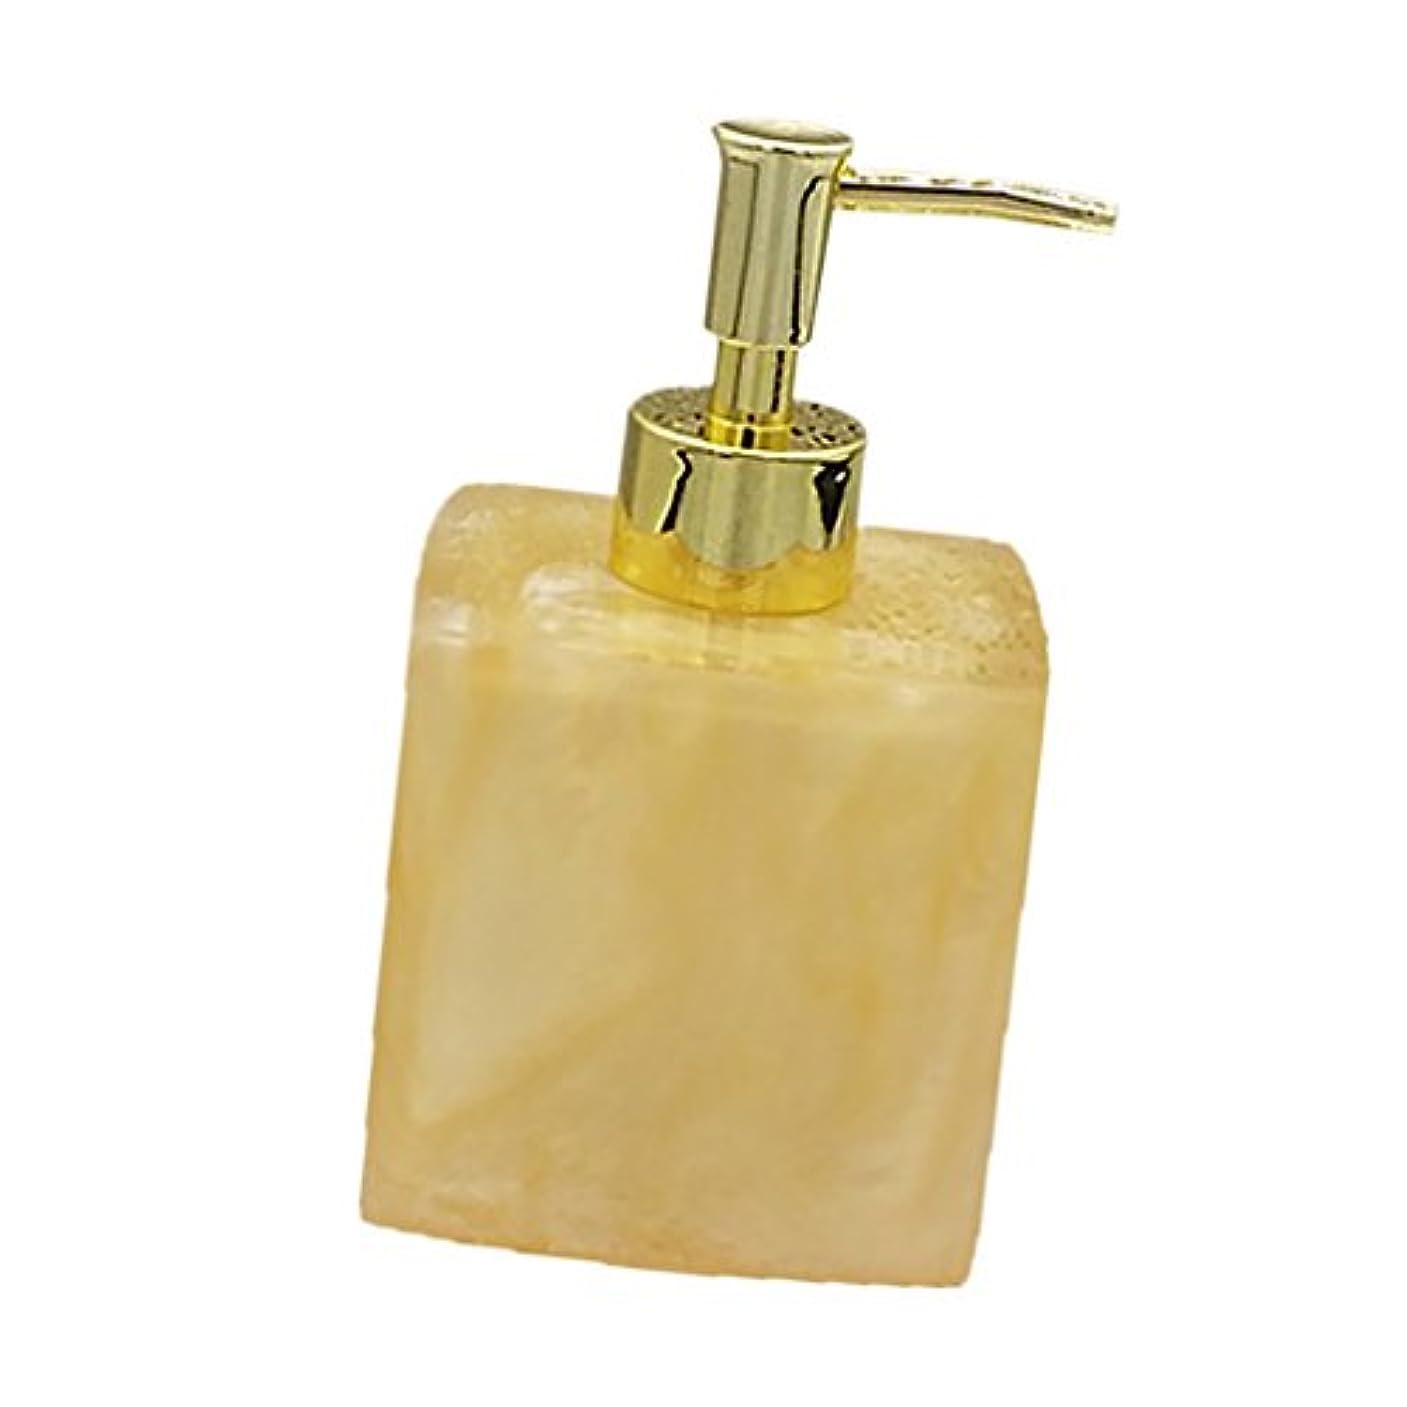 プレミアぼろ会う(8.5 7.8 15cm, Yellow) - MonkeyJack Resin Soap Shampoo Dispenser Bath Liquid Body Lotion Pump Bottle/Jar VARIOUS...